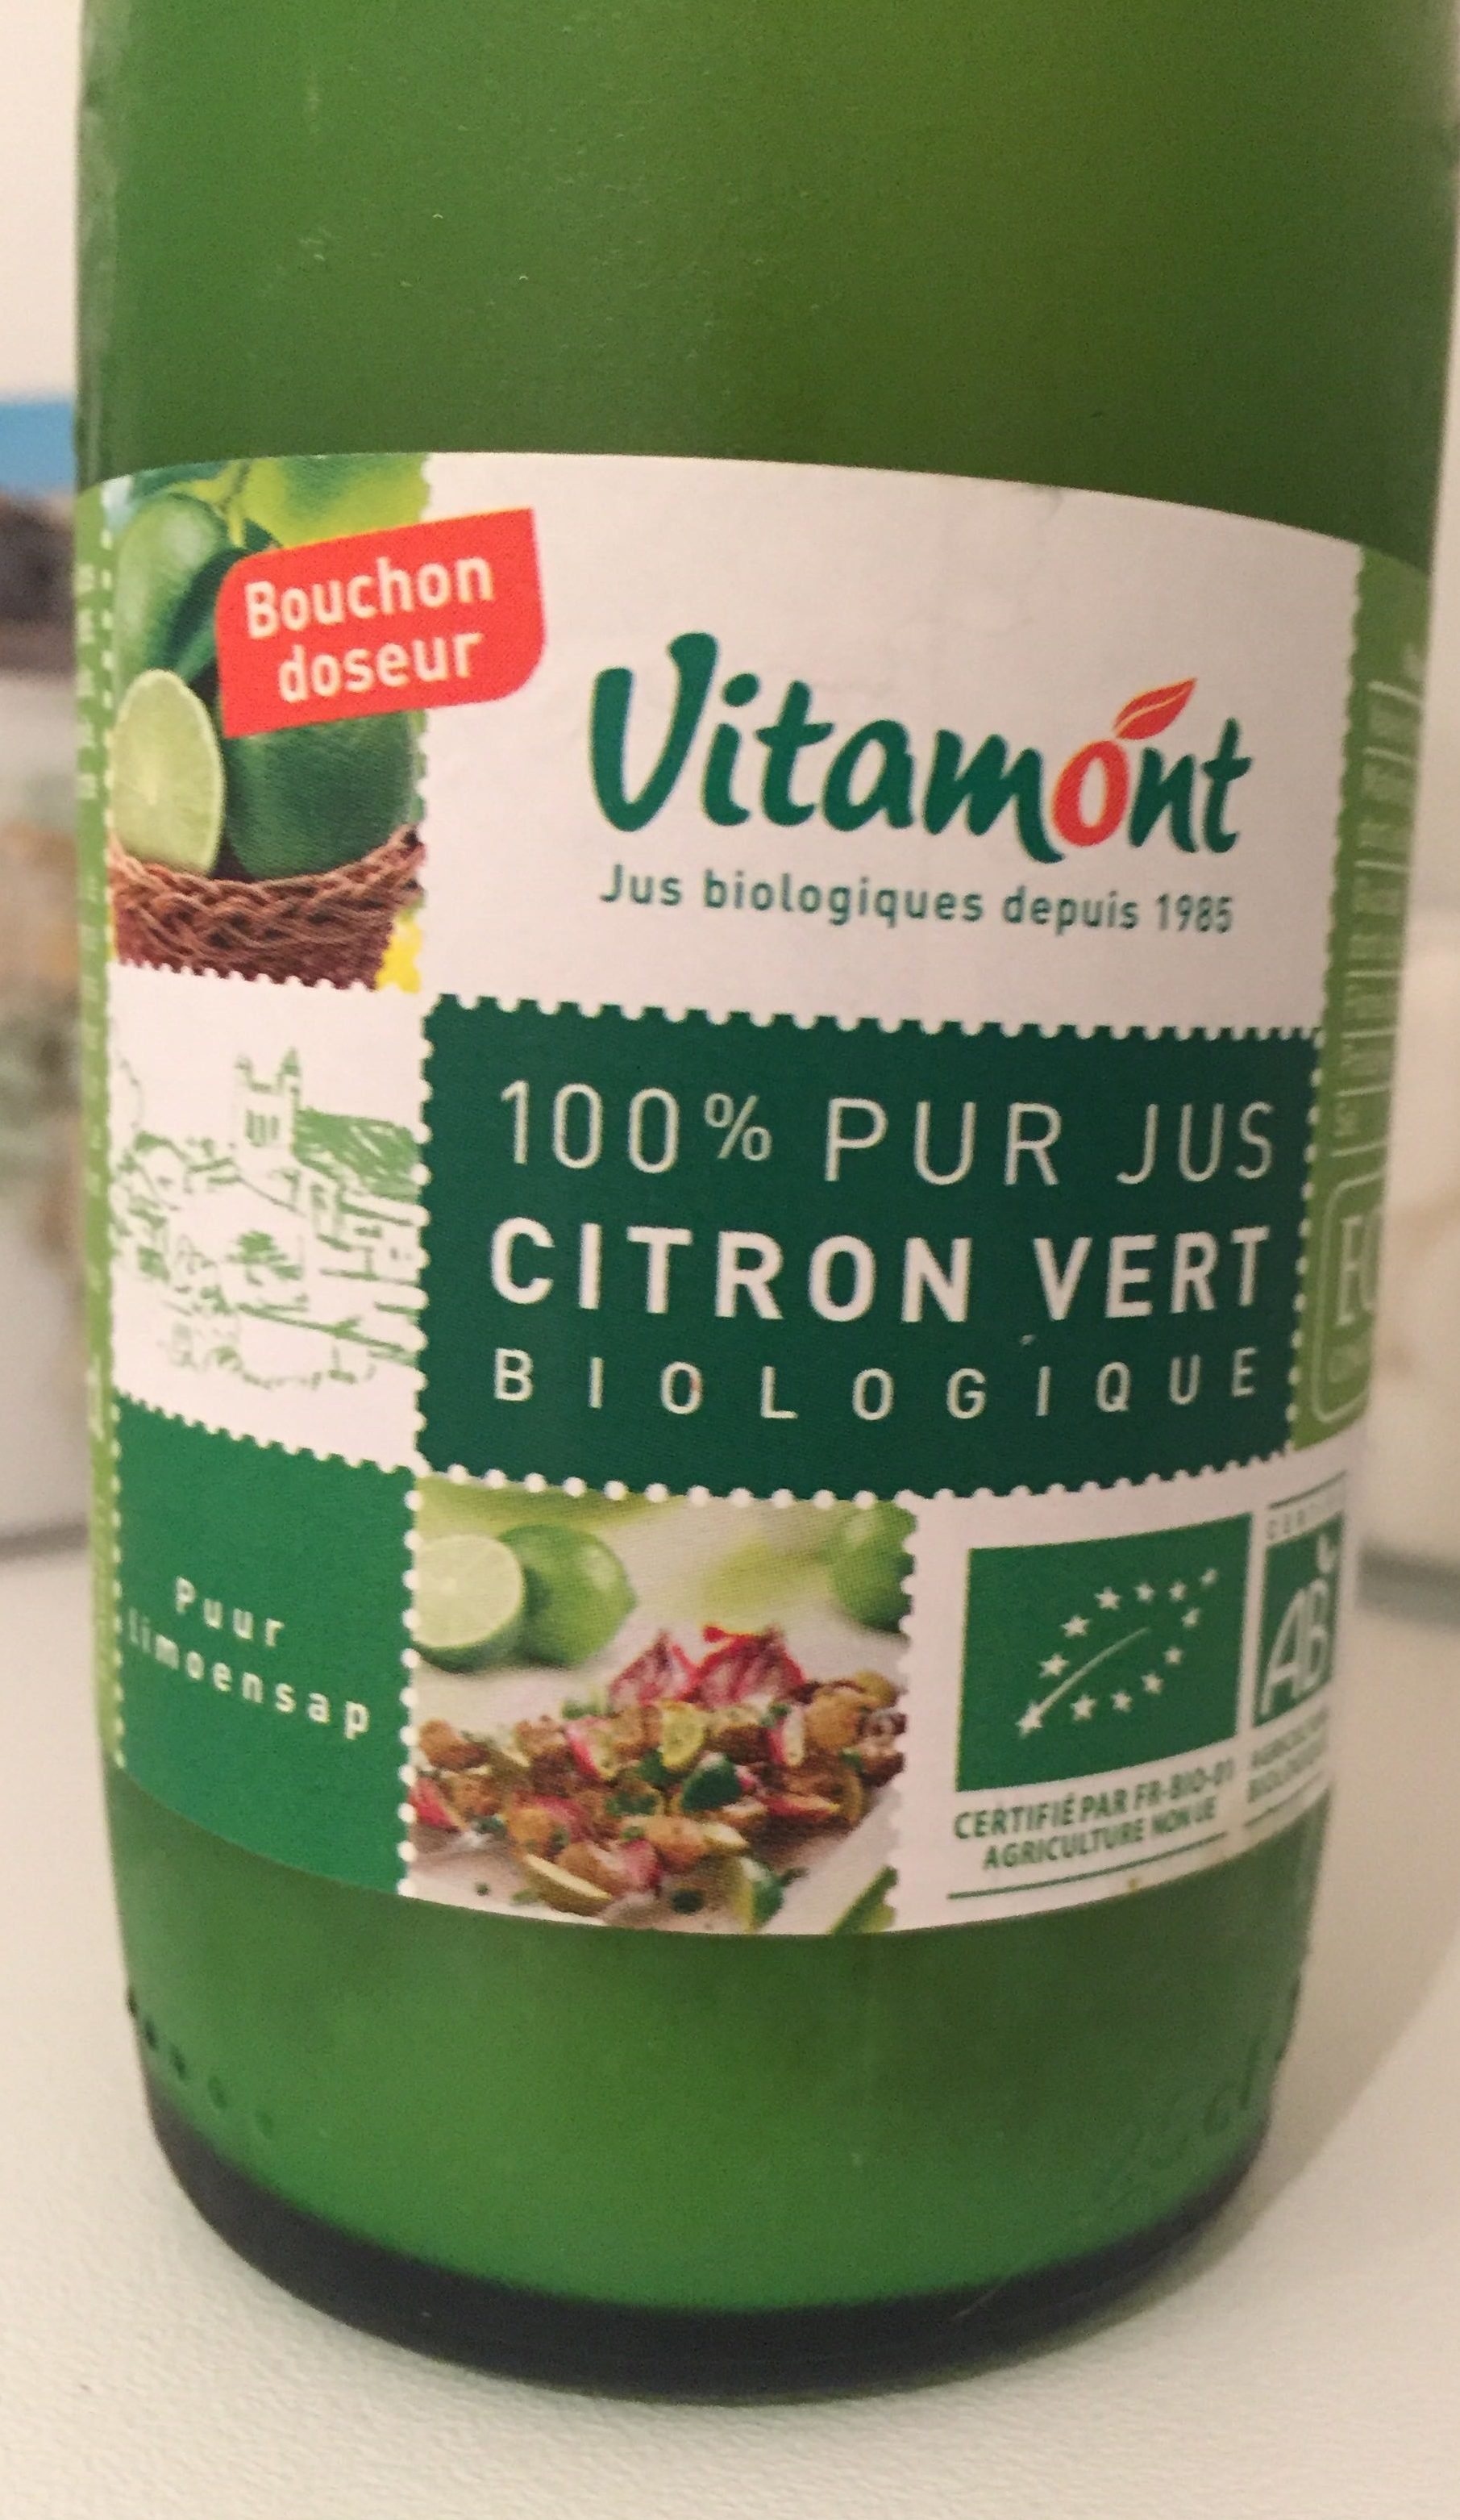 100% Pur Jus de Citron Vert Biologique - Produit